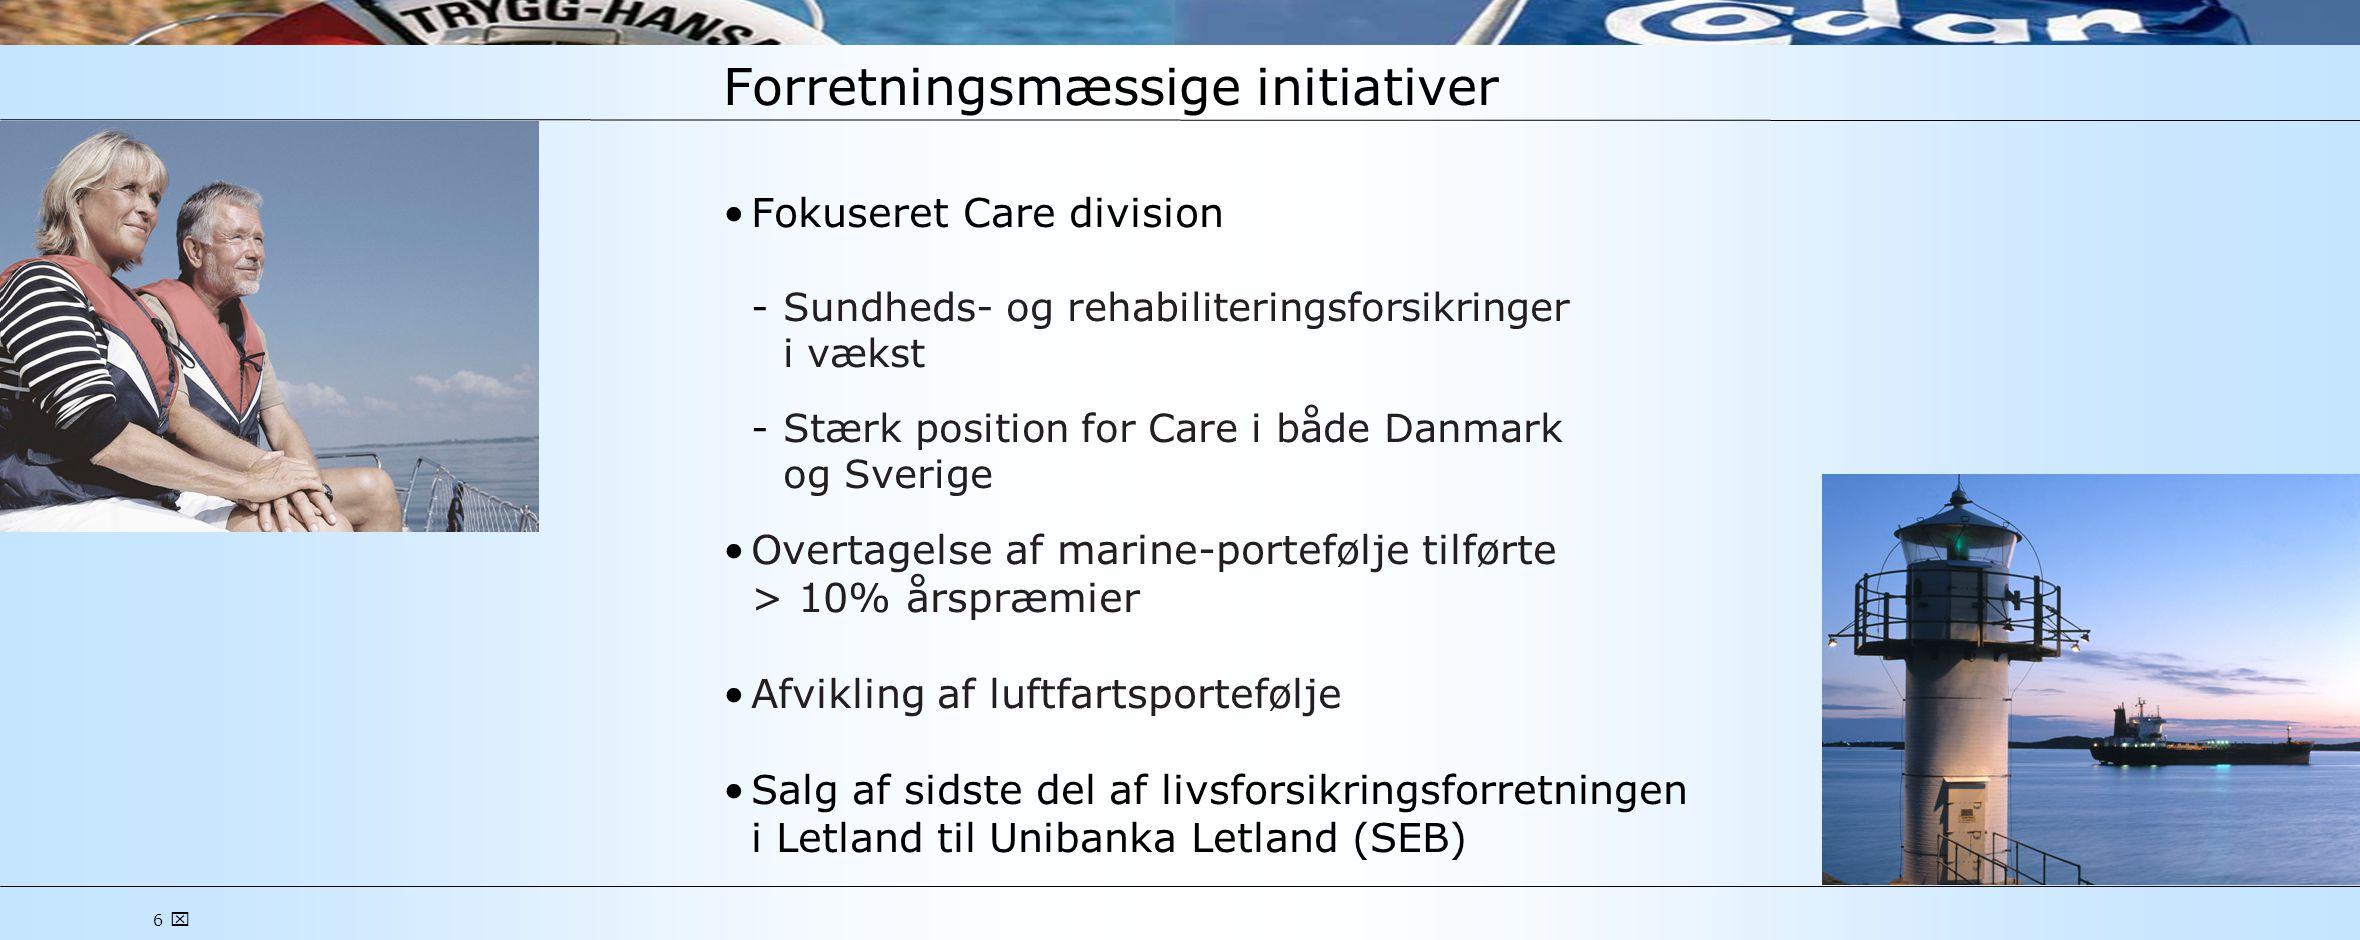 6  Forretningsmæssige initiativer •Fokuseret Care division Sundheds- og rehabiliteringsforsikringer i vækst Stærk position for Care i både Danmark og Sverige •Overtagelse af marine-portefølje tilførte > 10% årspræmier •Afvikling af luftfartsportefølje •Salg af sidste del af livsforsikringsforretningen i Letland til Unibanka Letland (SEB)